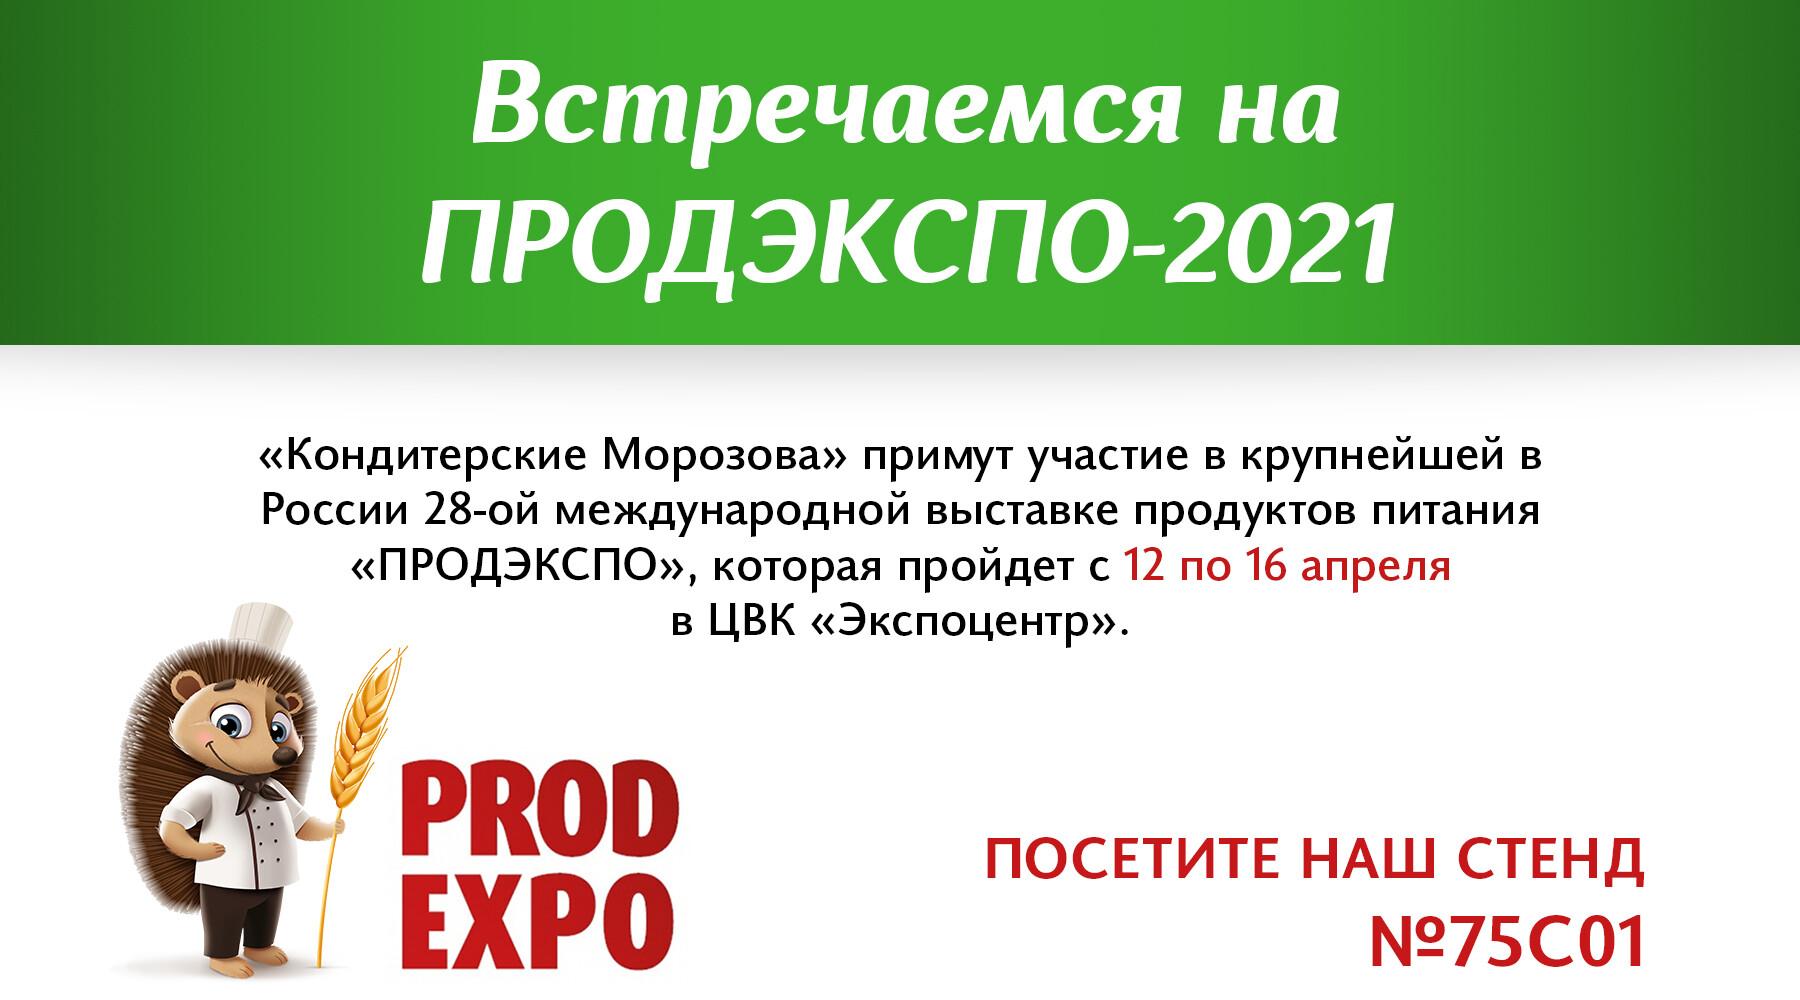 Встречаемся на ПРОДЭКСПО-2021!